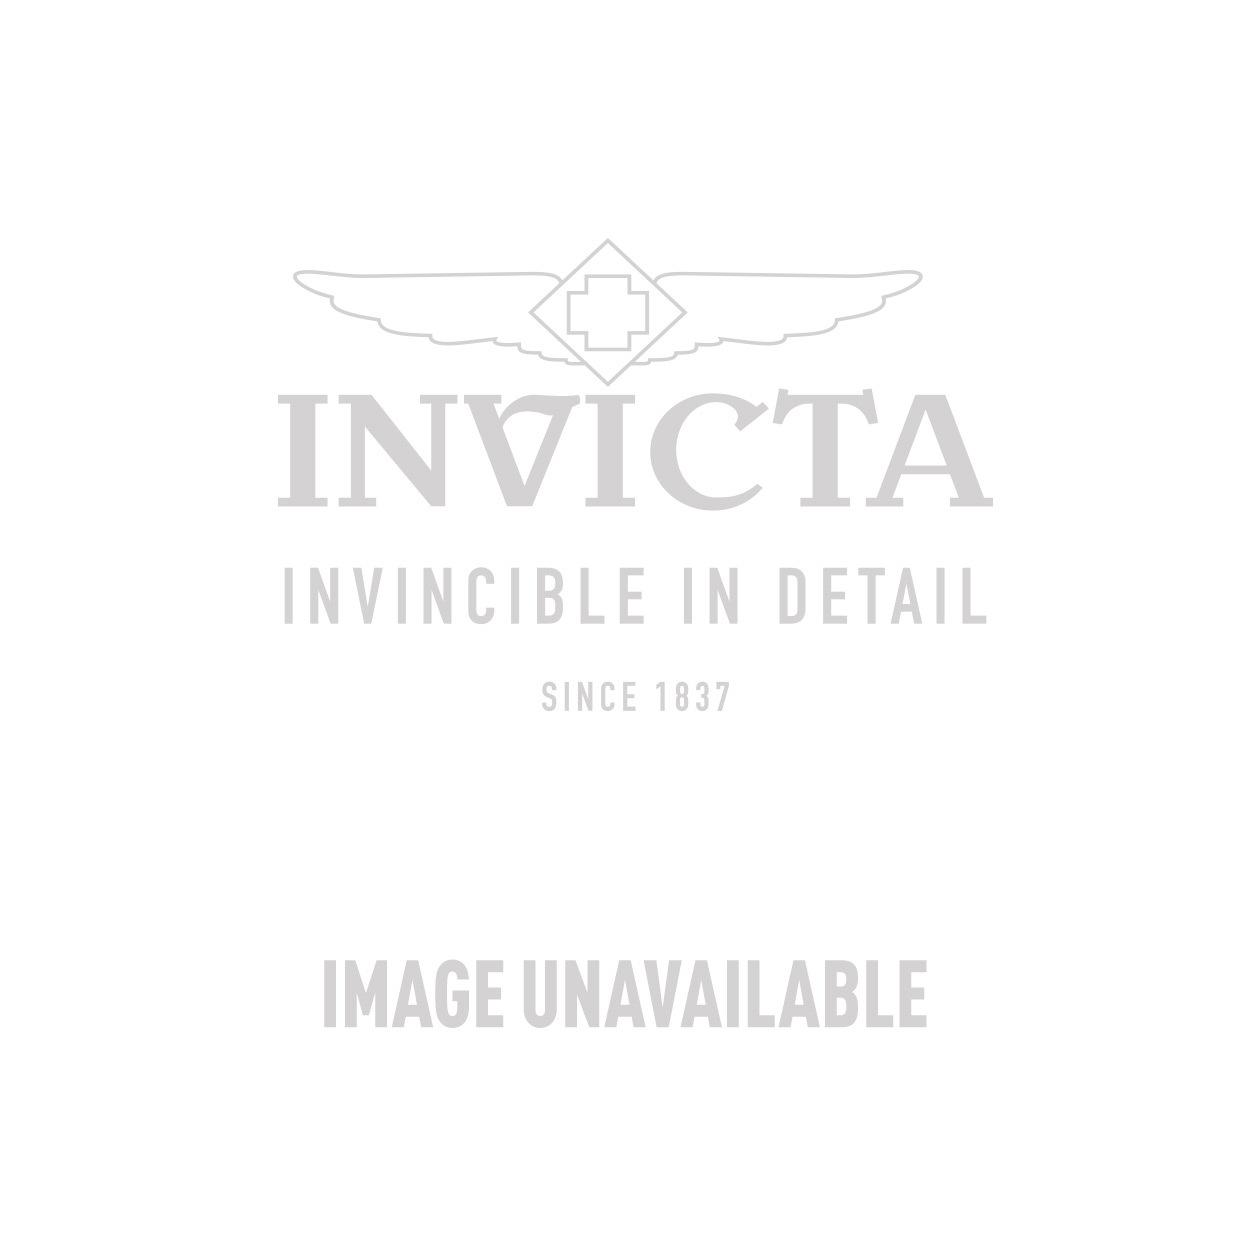 Invicta Model 28625